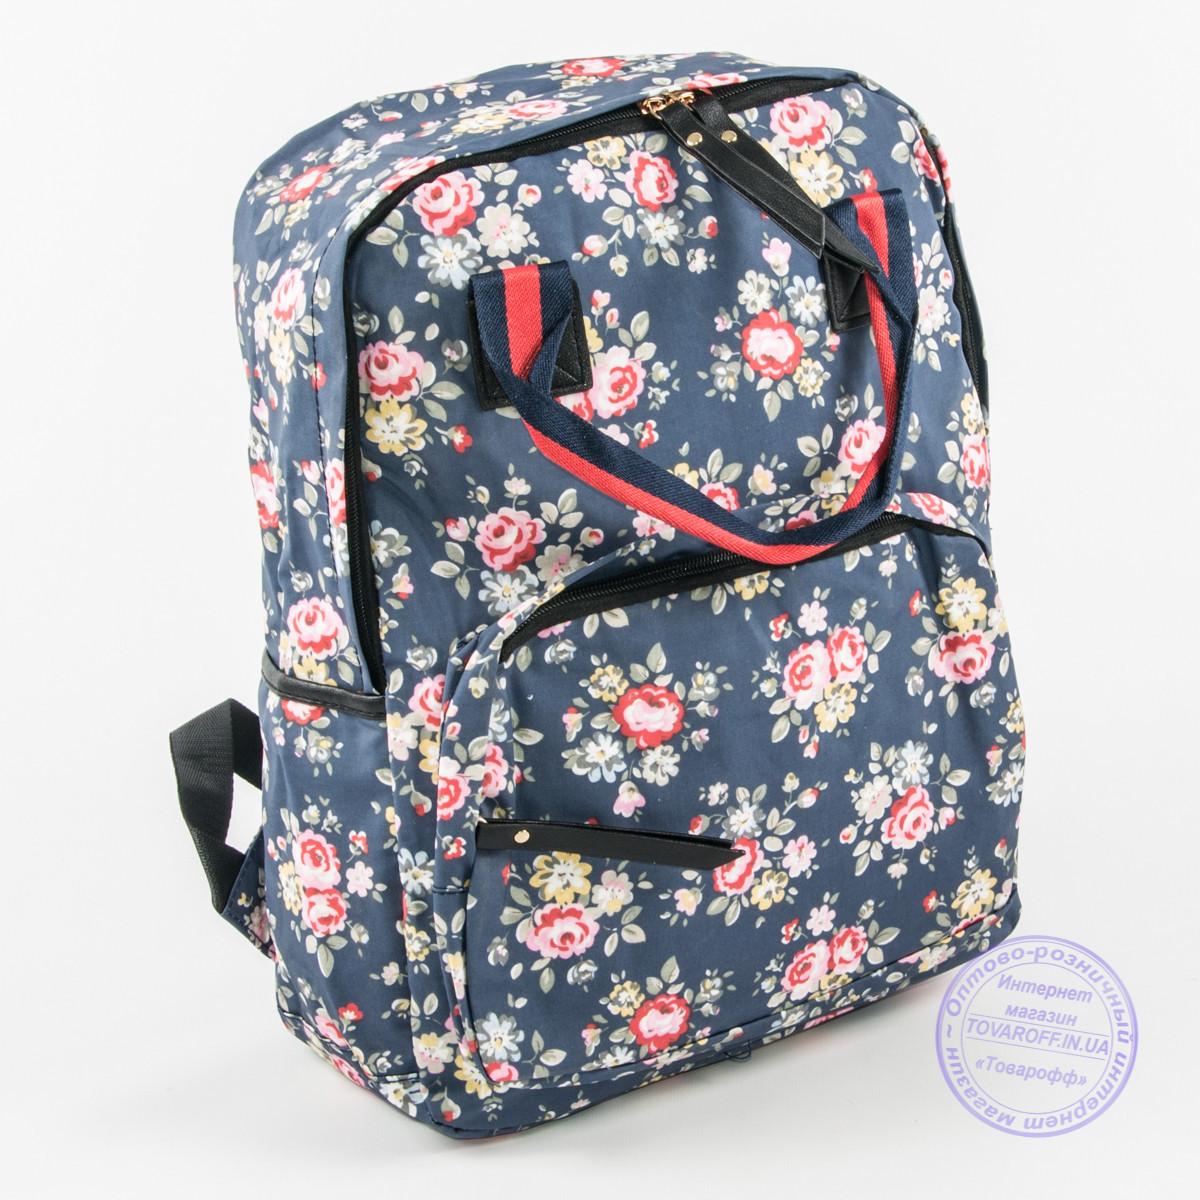 65594b2c1b59 Оптом сумка-рюкзак для школы и прогулок цветочный - синий - 9015 - Интернет  магазин